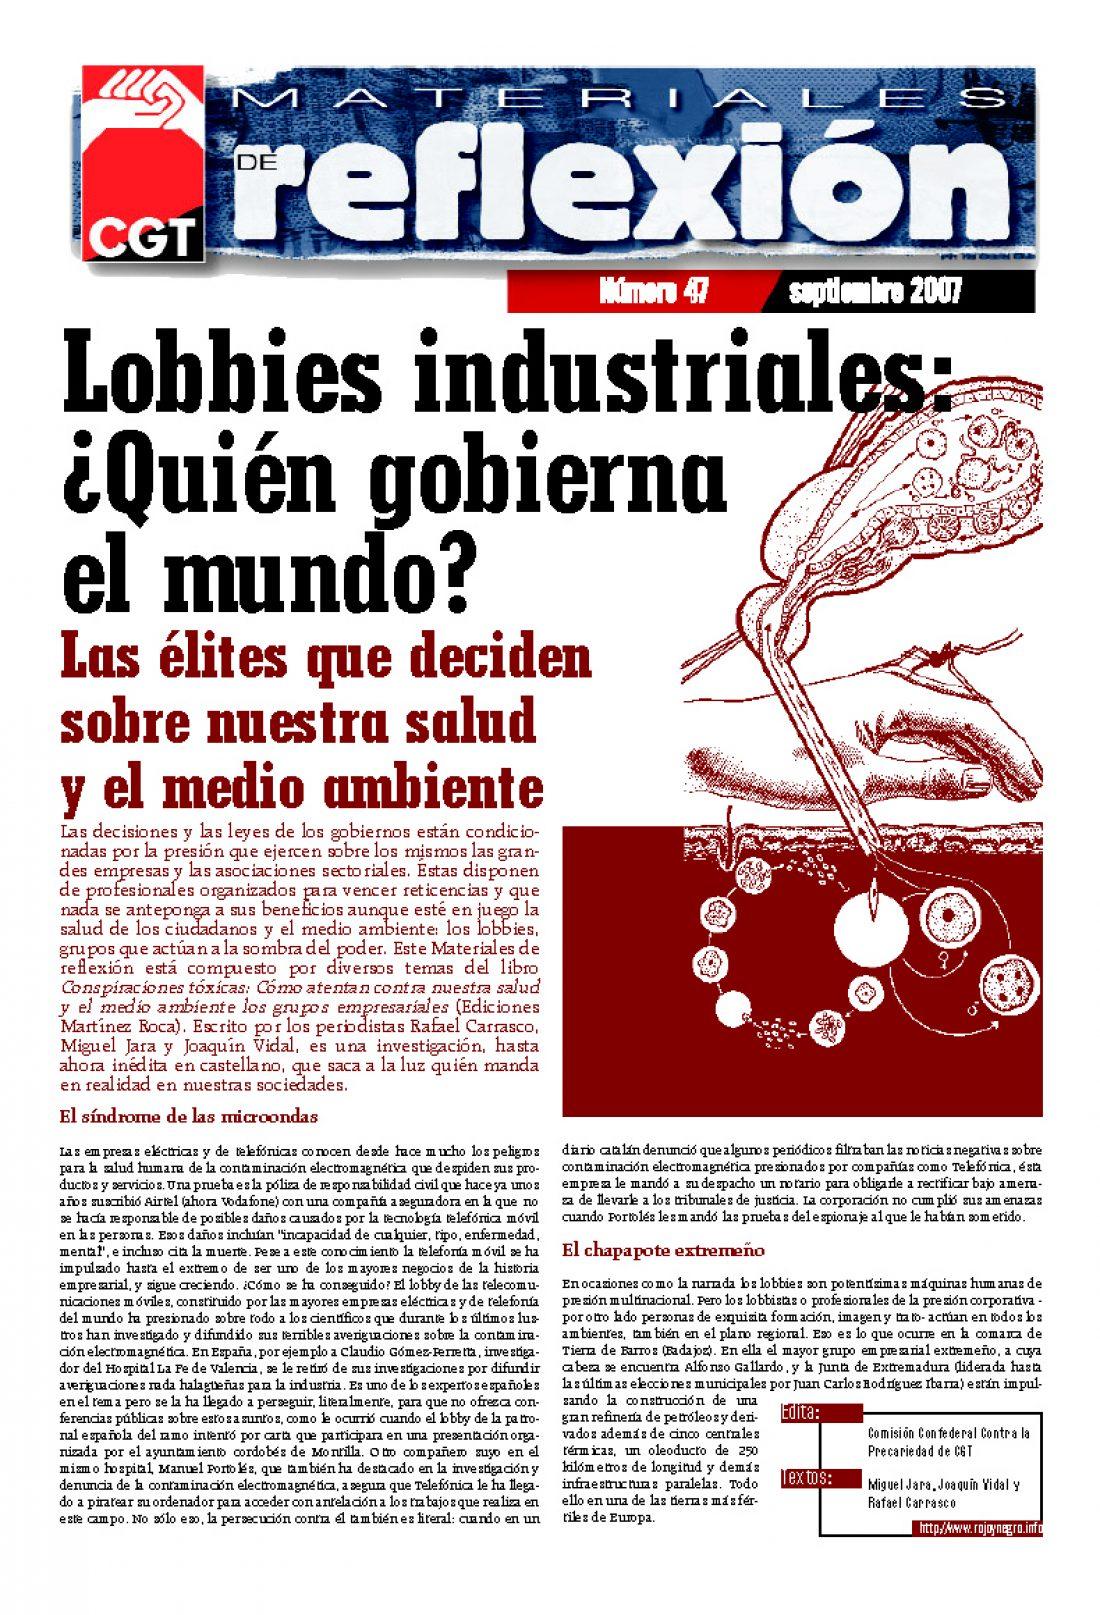 MR 47 Lobbies industriales: ¿Quien gobierna el mundo?